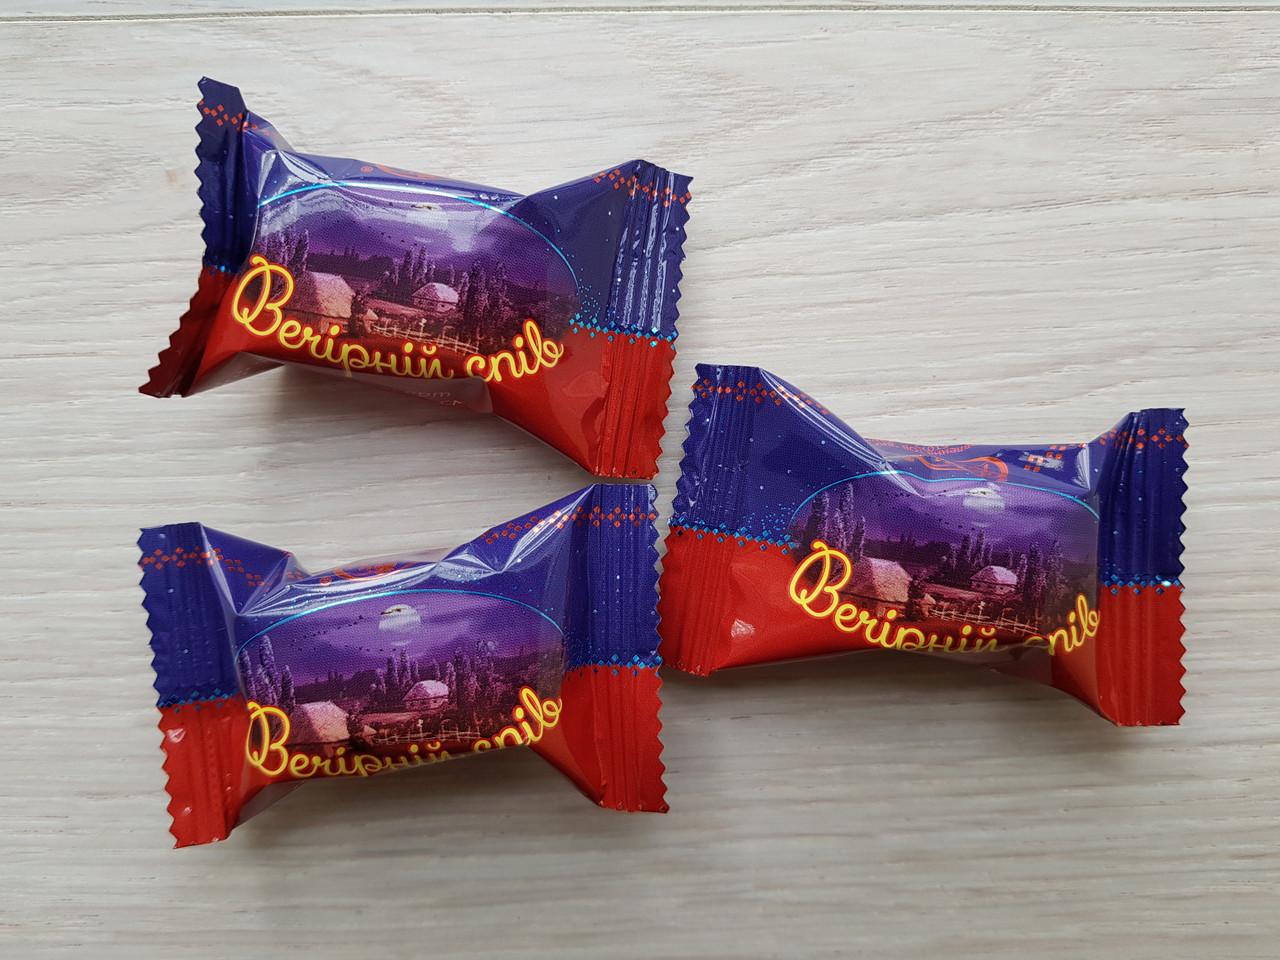 Конфеты Вечерний спив со вкусом вишни 2 кг. ТМ Балу